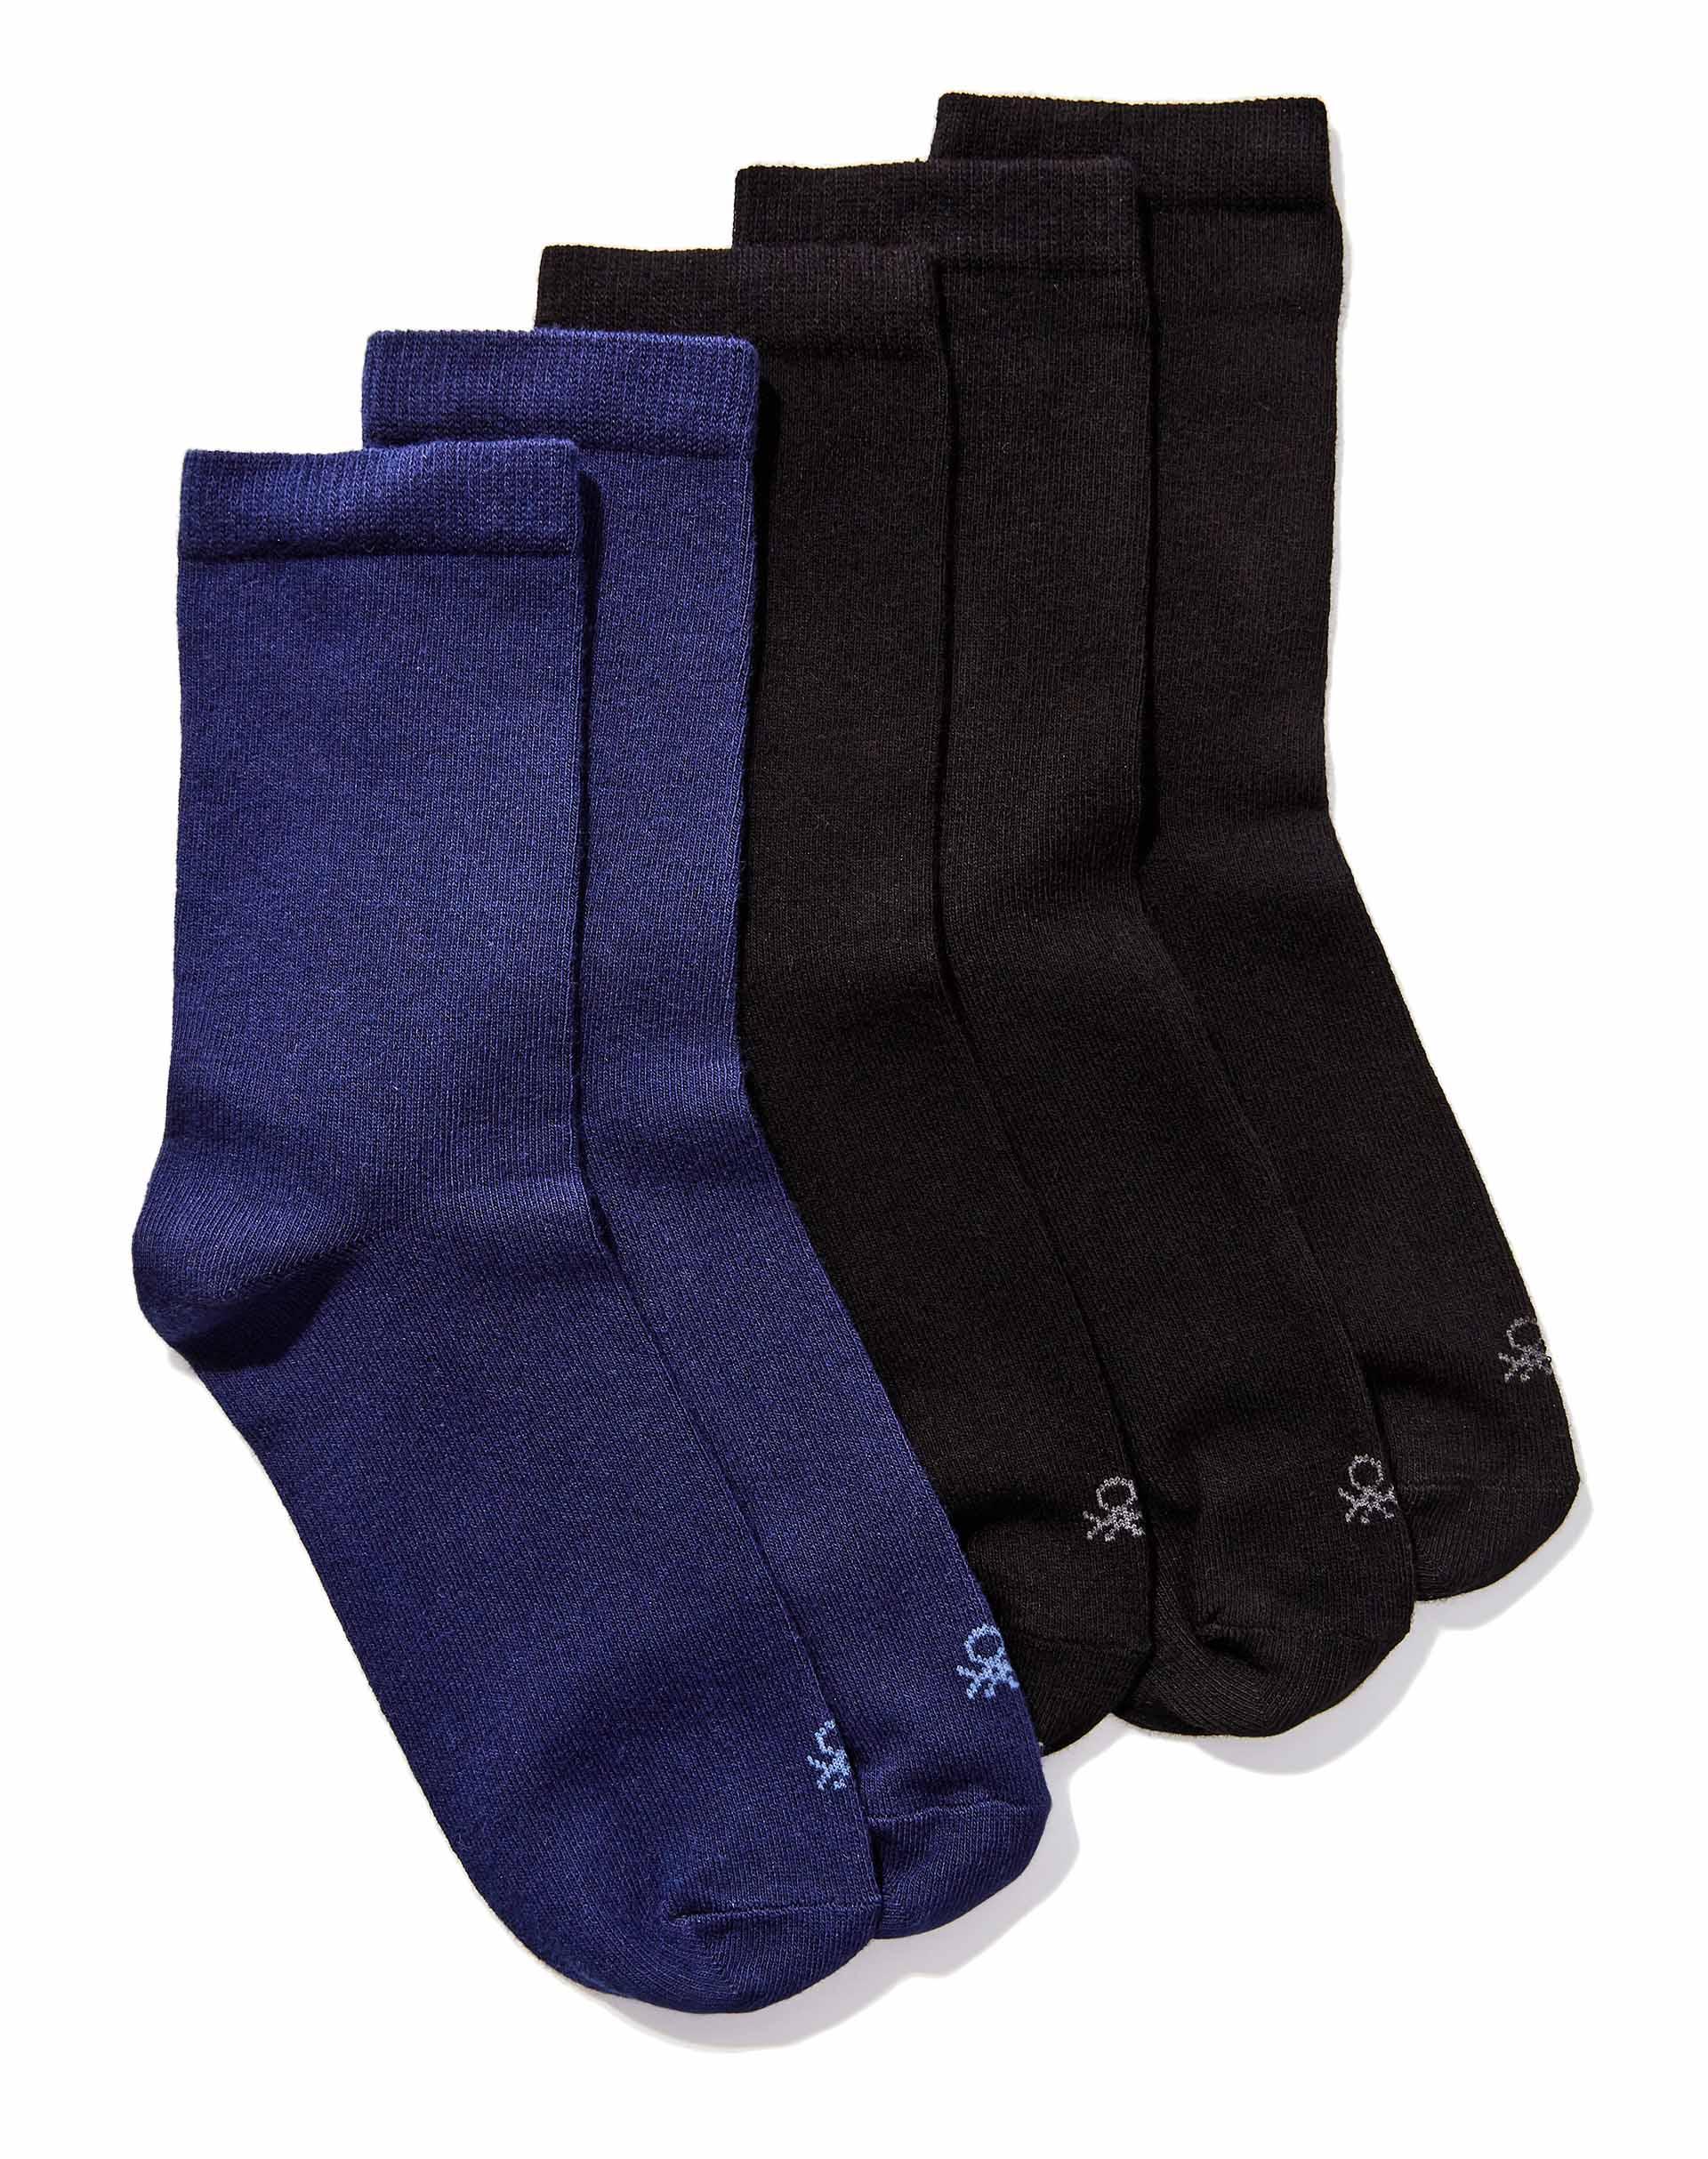 Комплект носков 5 парНижнее белье<br>Комплект носков состоит из пяти пар. Модель выполнена из хлопкового трикотажа с добавлением синтетических волокон для большей износоустойчивости. Мягкая эластичная манжета в рубчик.<br>Цвет: Черный; Размер: M;